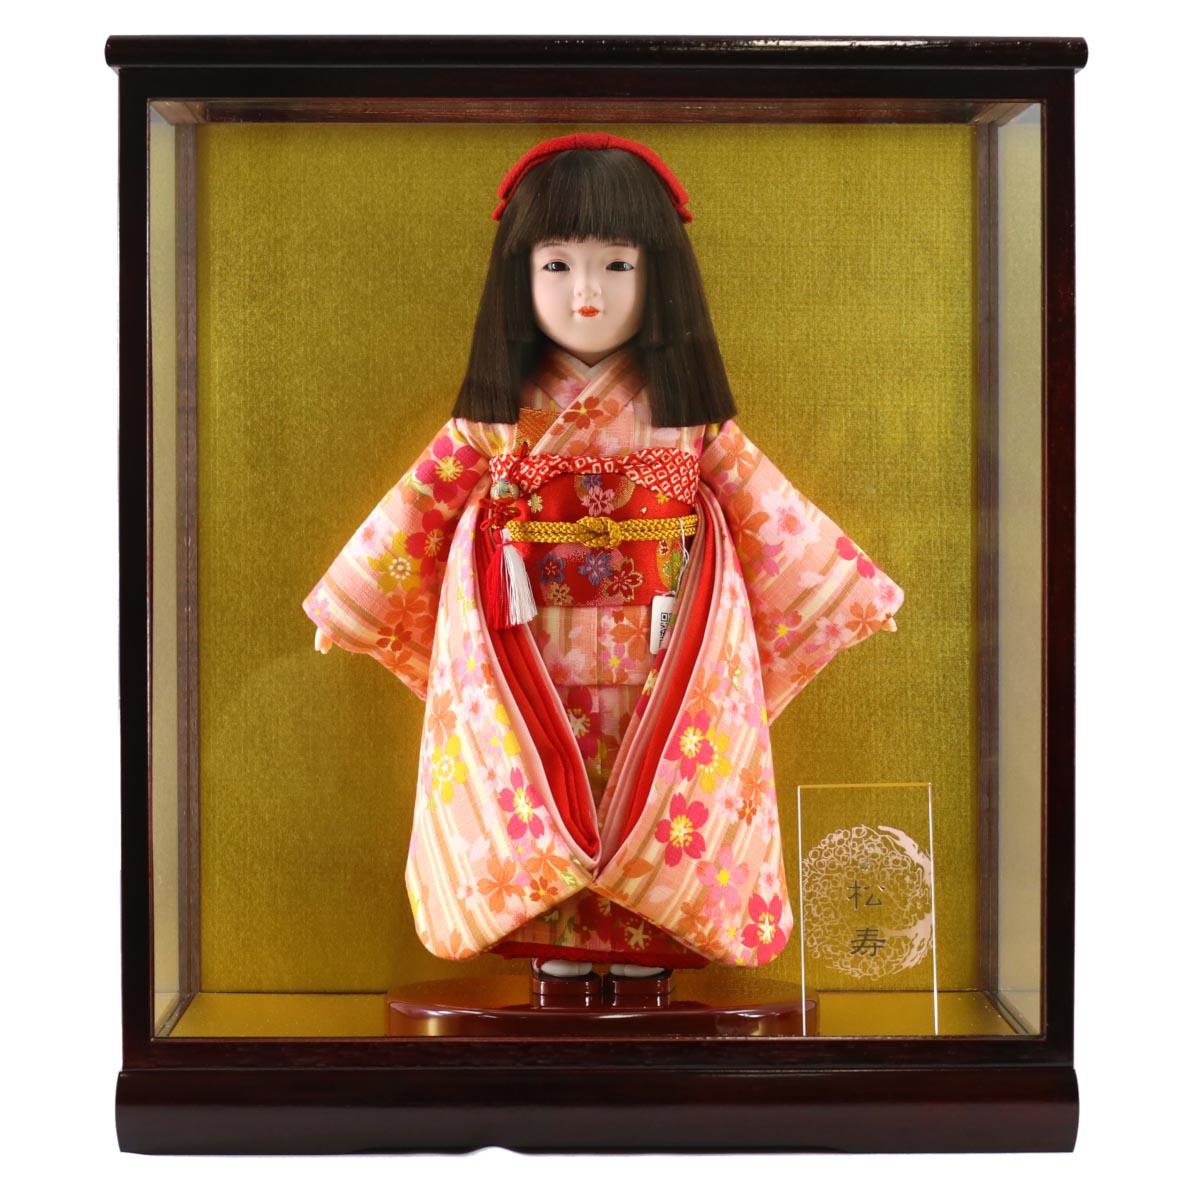 雛人形 松寿 コンパクト 市松人形 松寿作 市松人形 特選友禅 ケース入り (HB40) 市松 ICMY-EH86005-23G-C (HB40)ひな人形 かわいい おしゃれ インテリア ひな人形 小さい ミニ